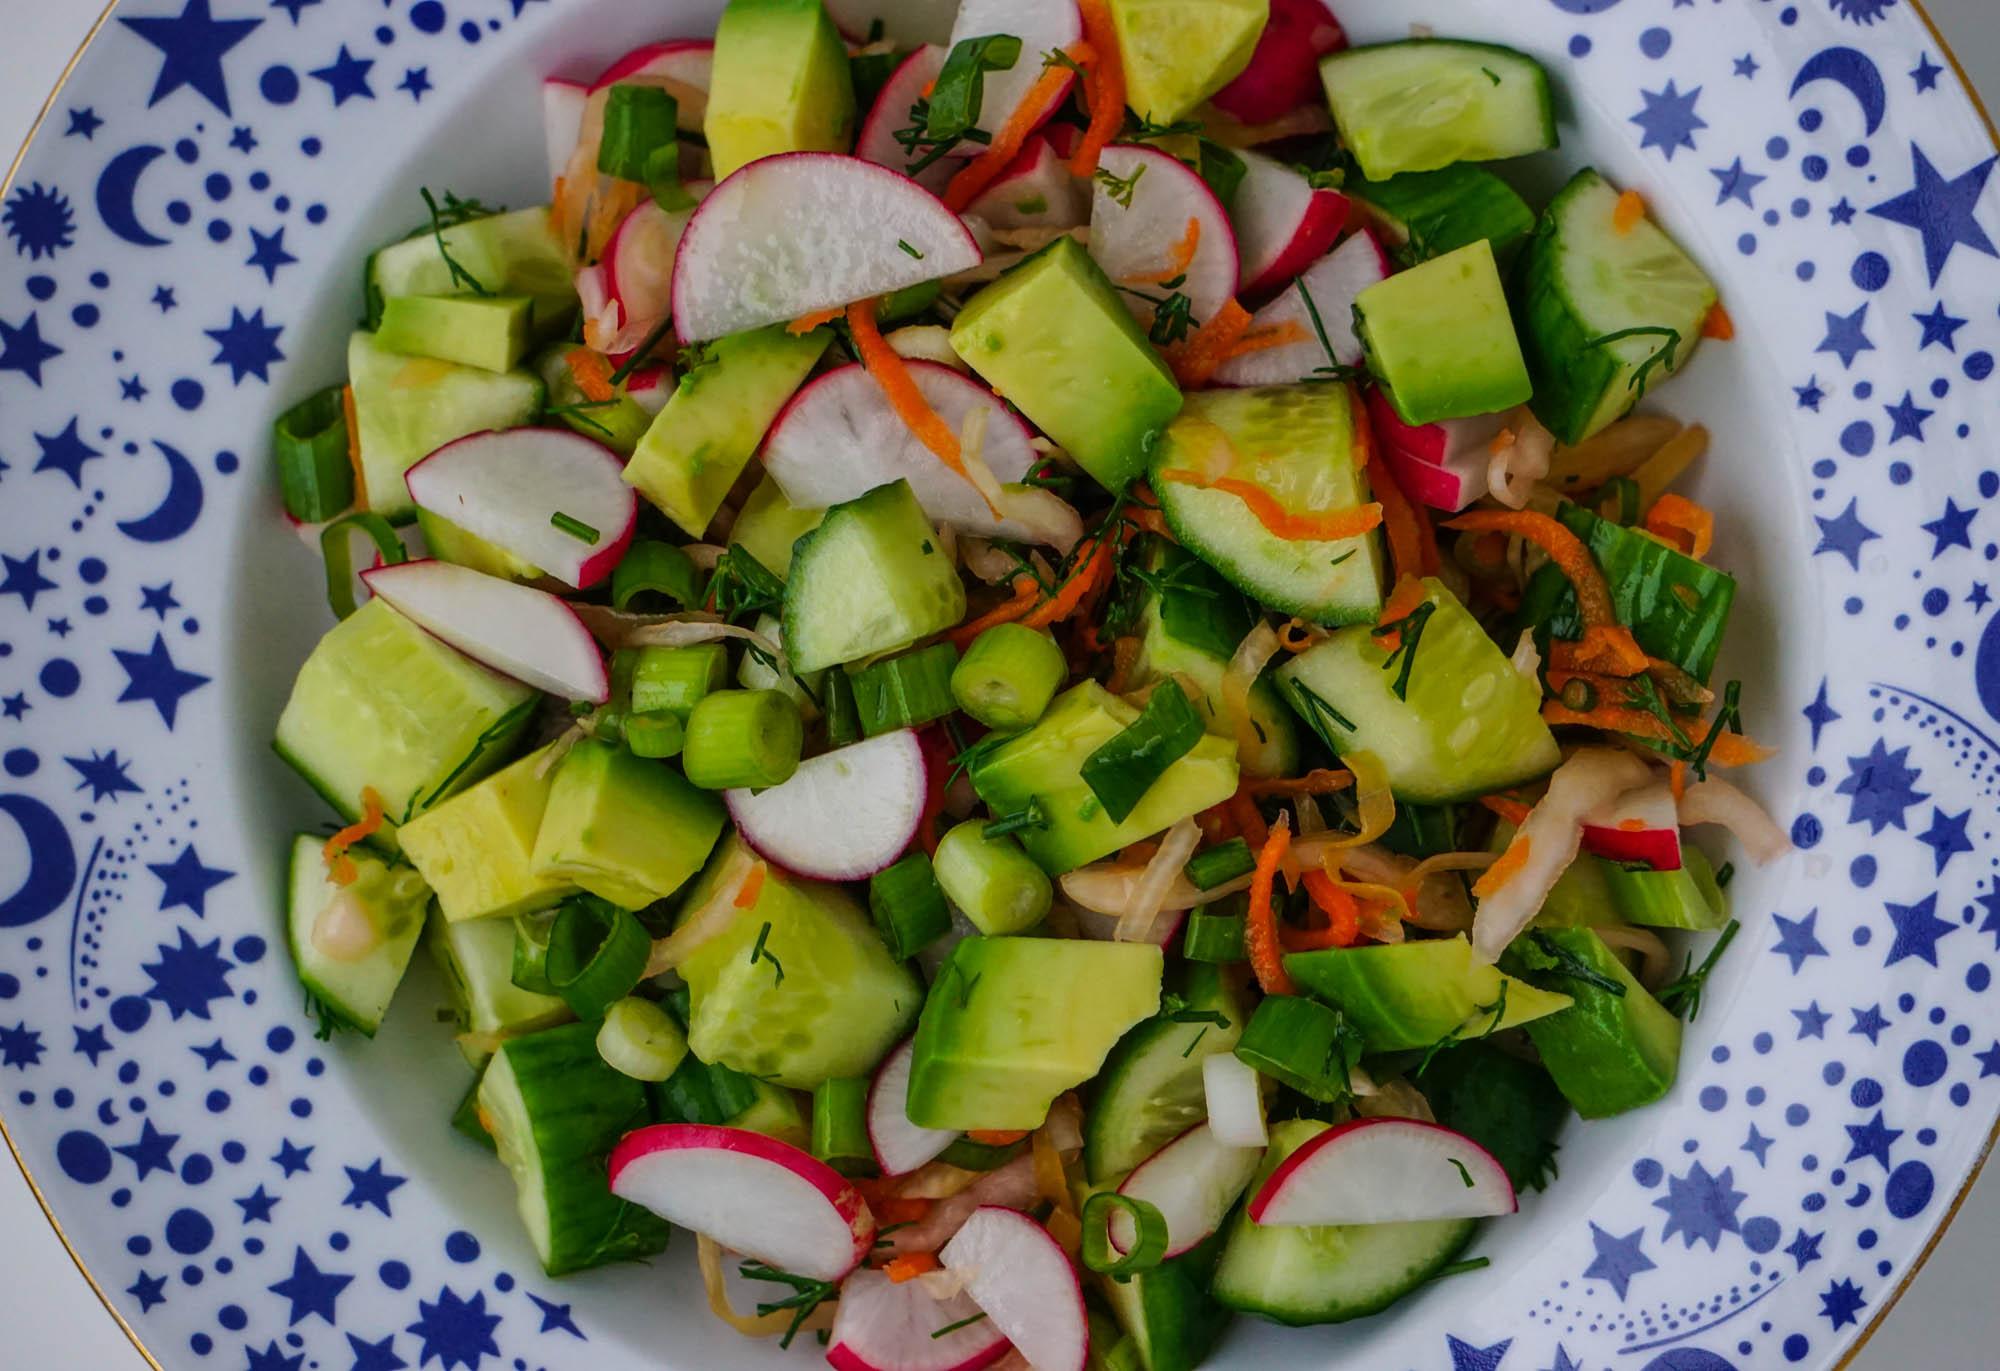 Салат из редиса, огурцов, авокадо и квашеной капусты